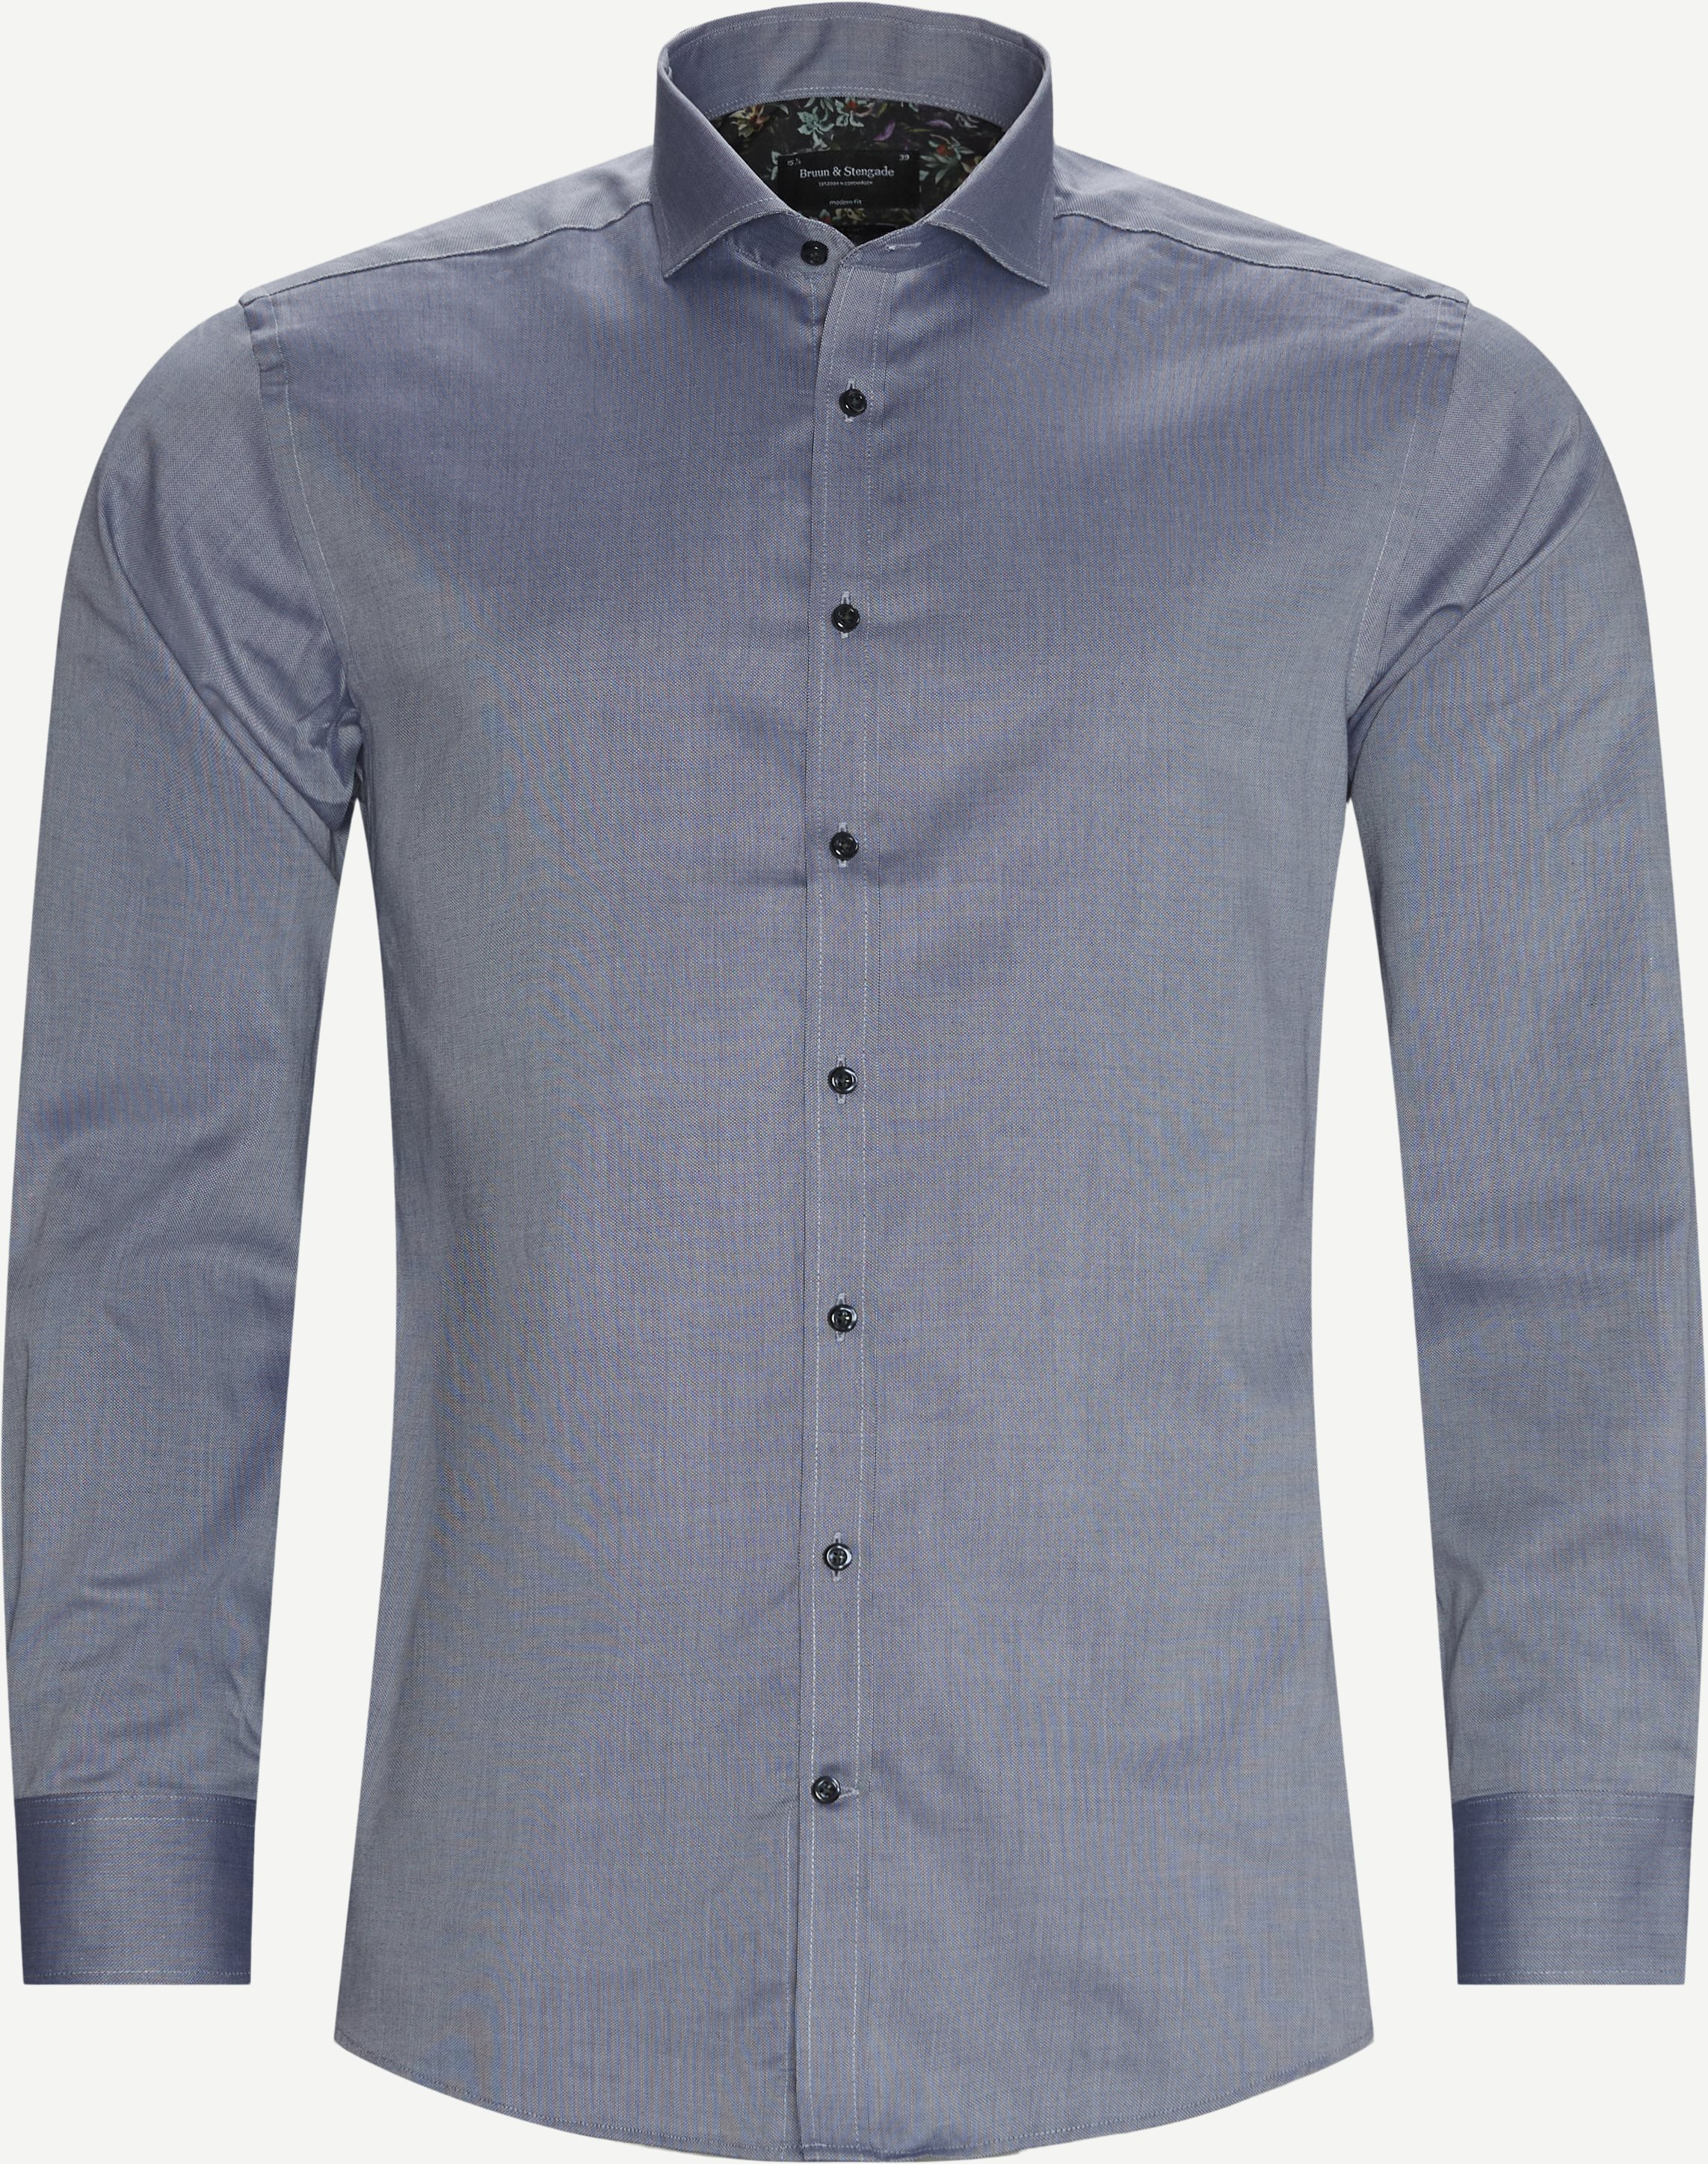 Felix Skjorte - Skjorter - Modern fit - Blå